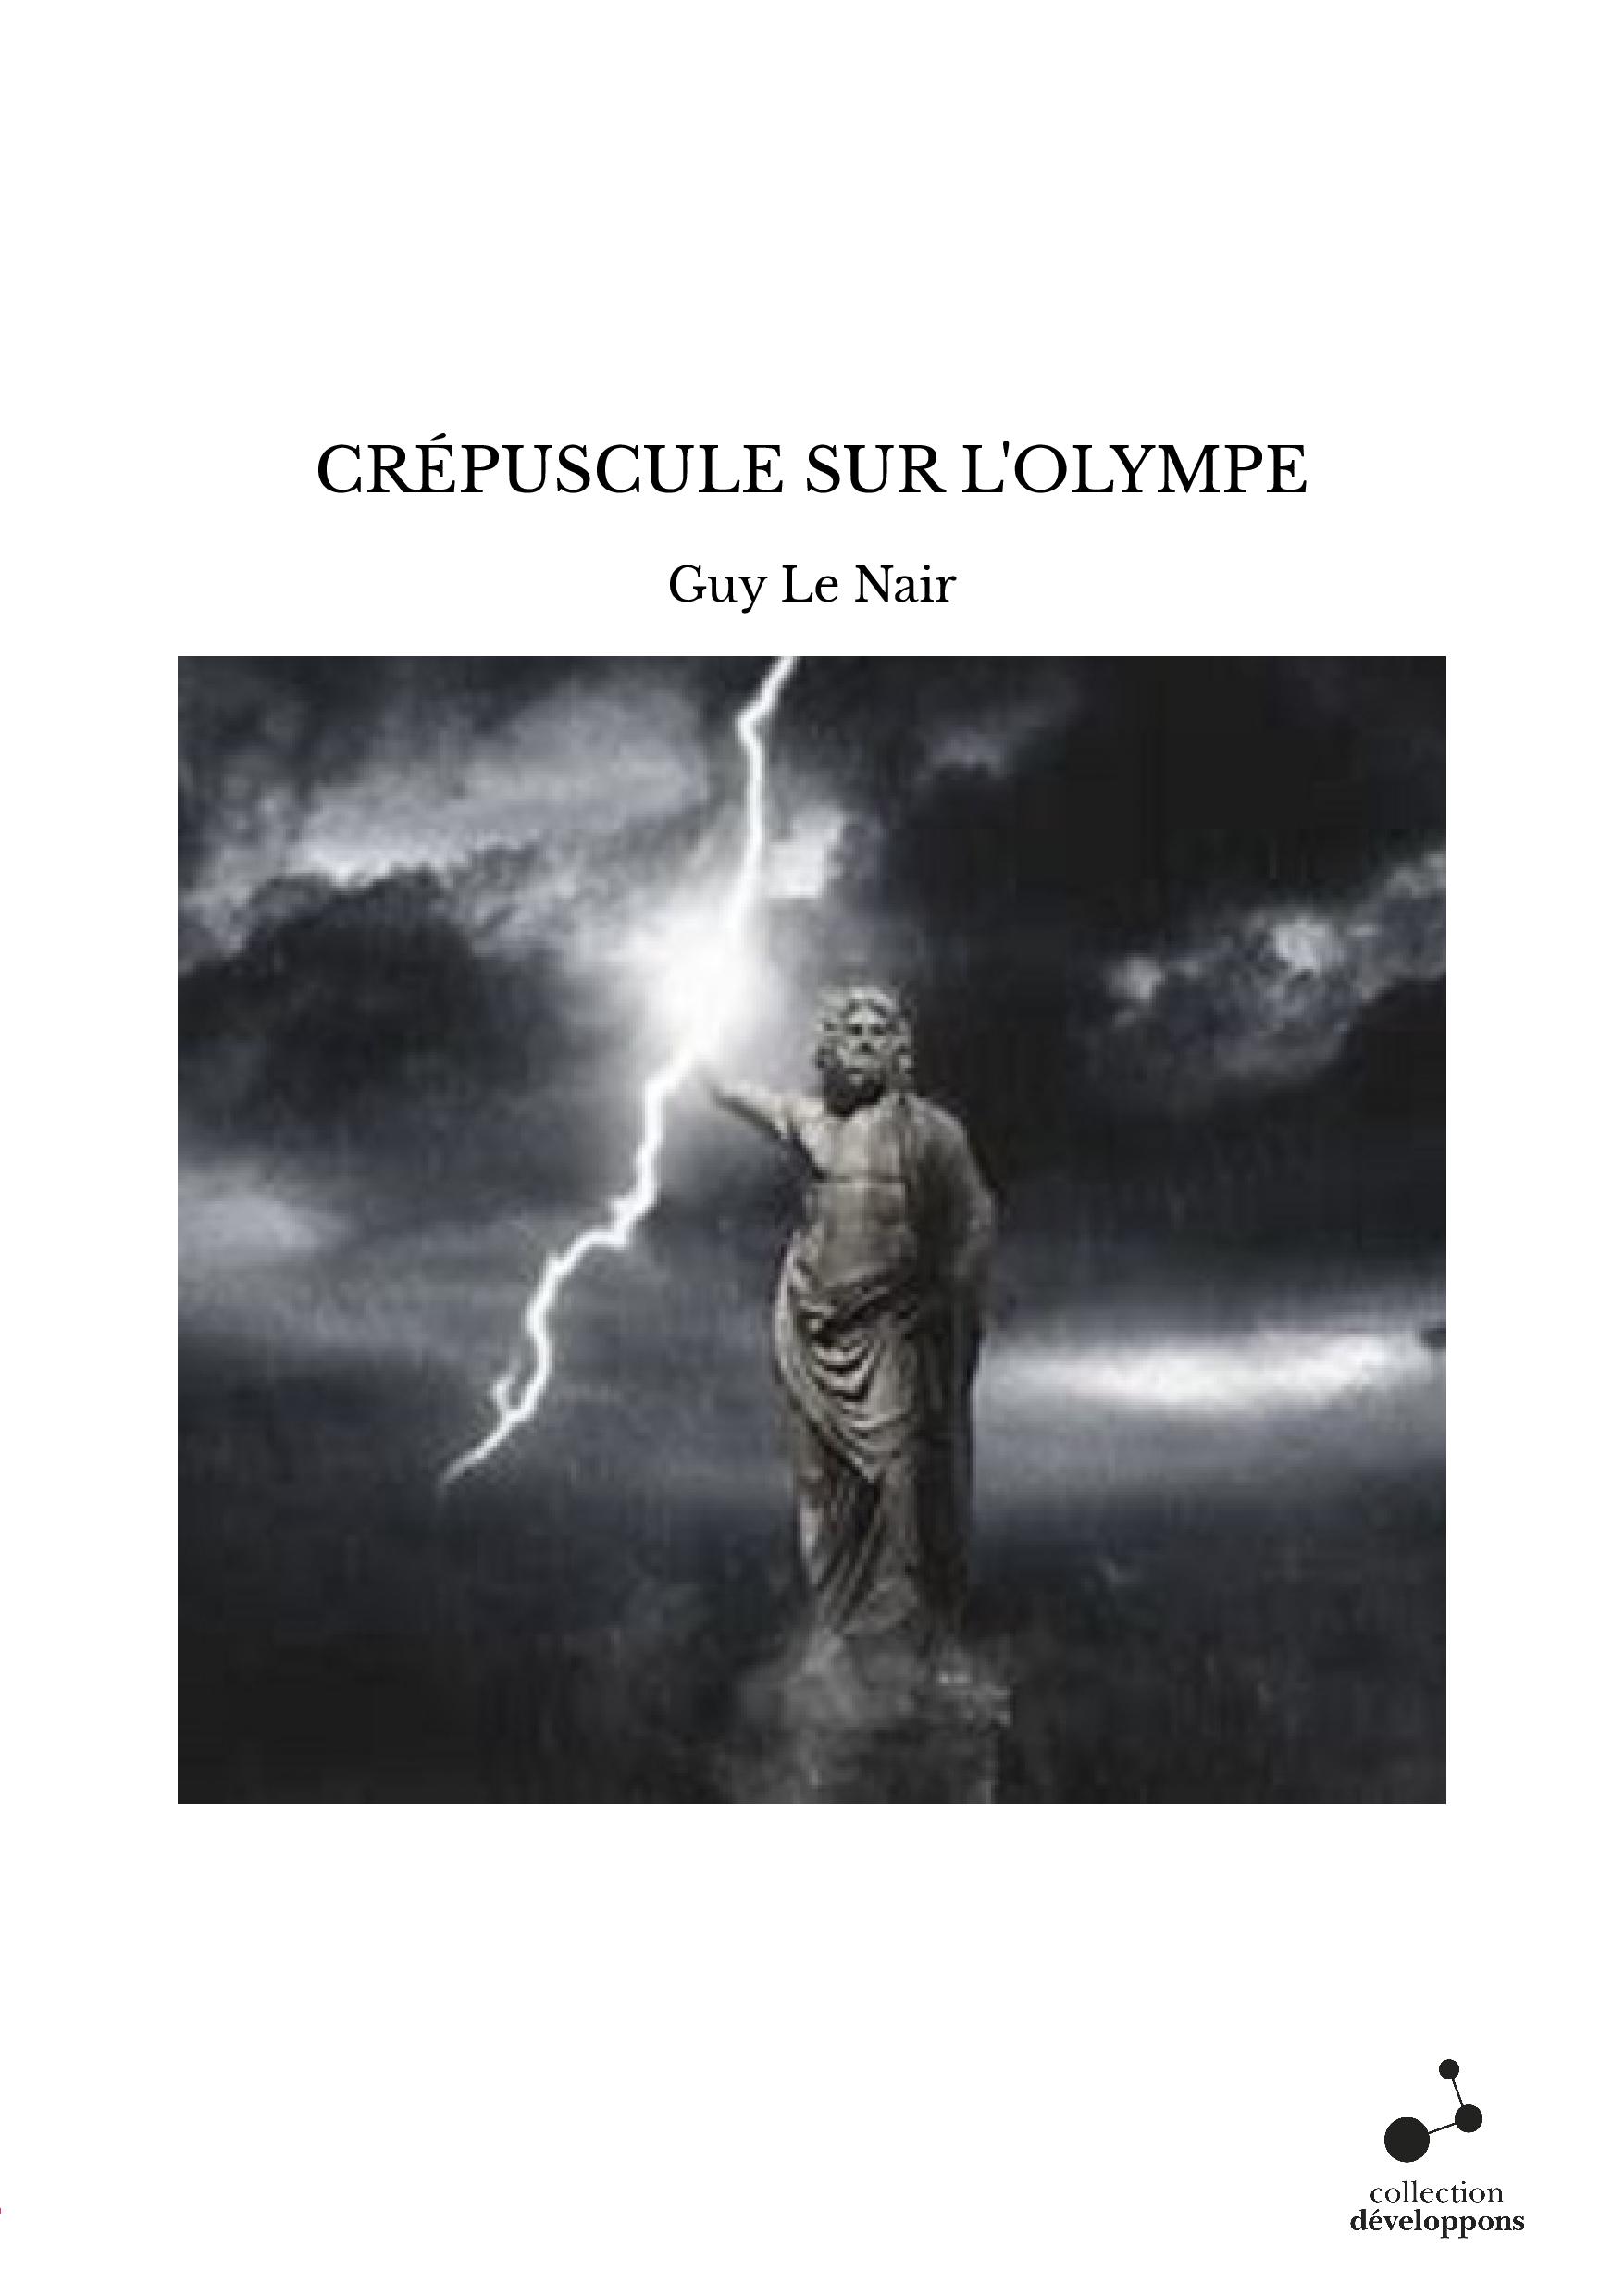 CRÉPUSCULE SUR L'OLYMPE